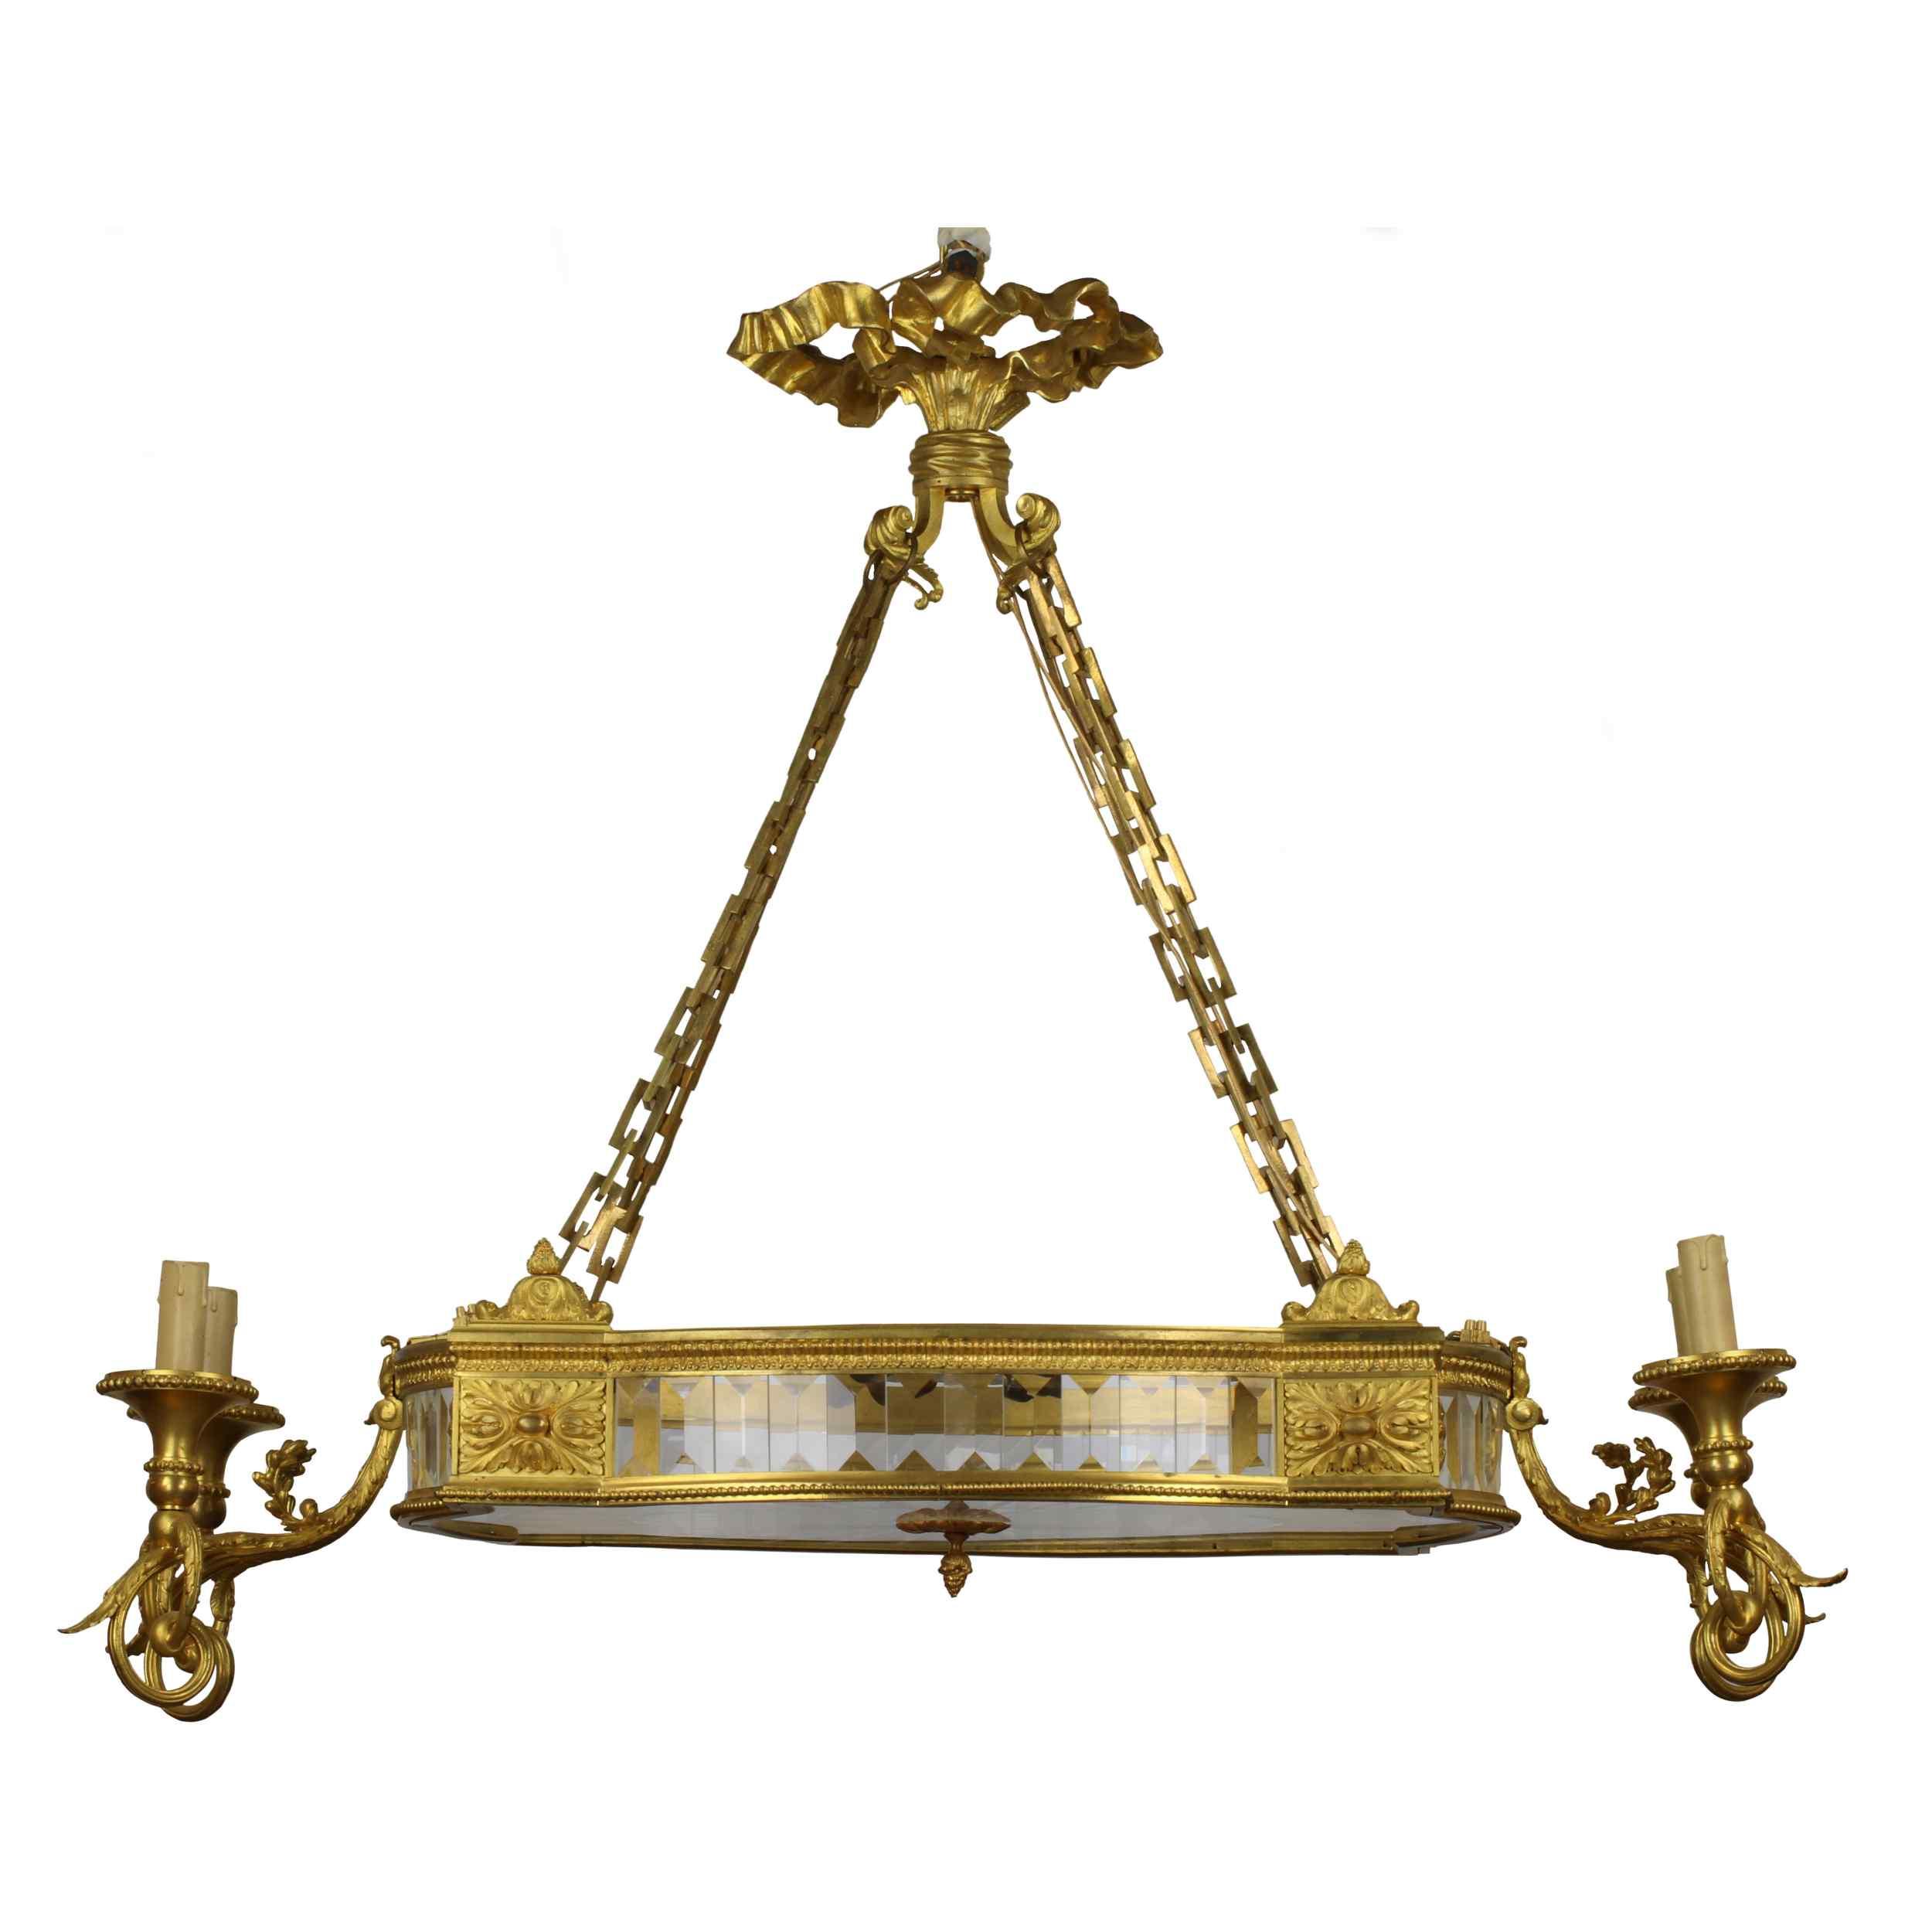 Lustre de style Napoléon III